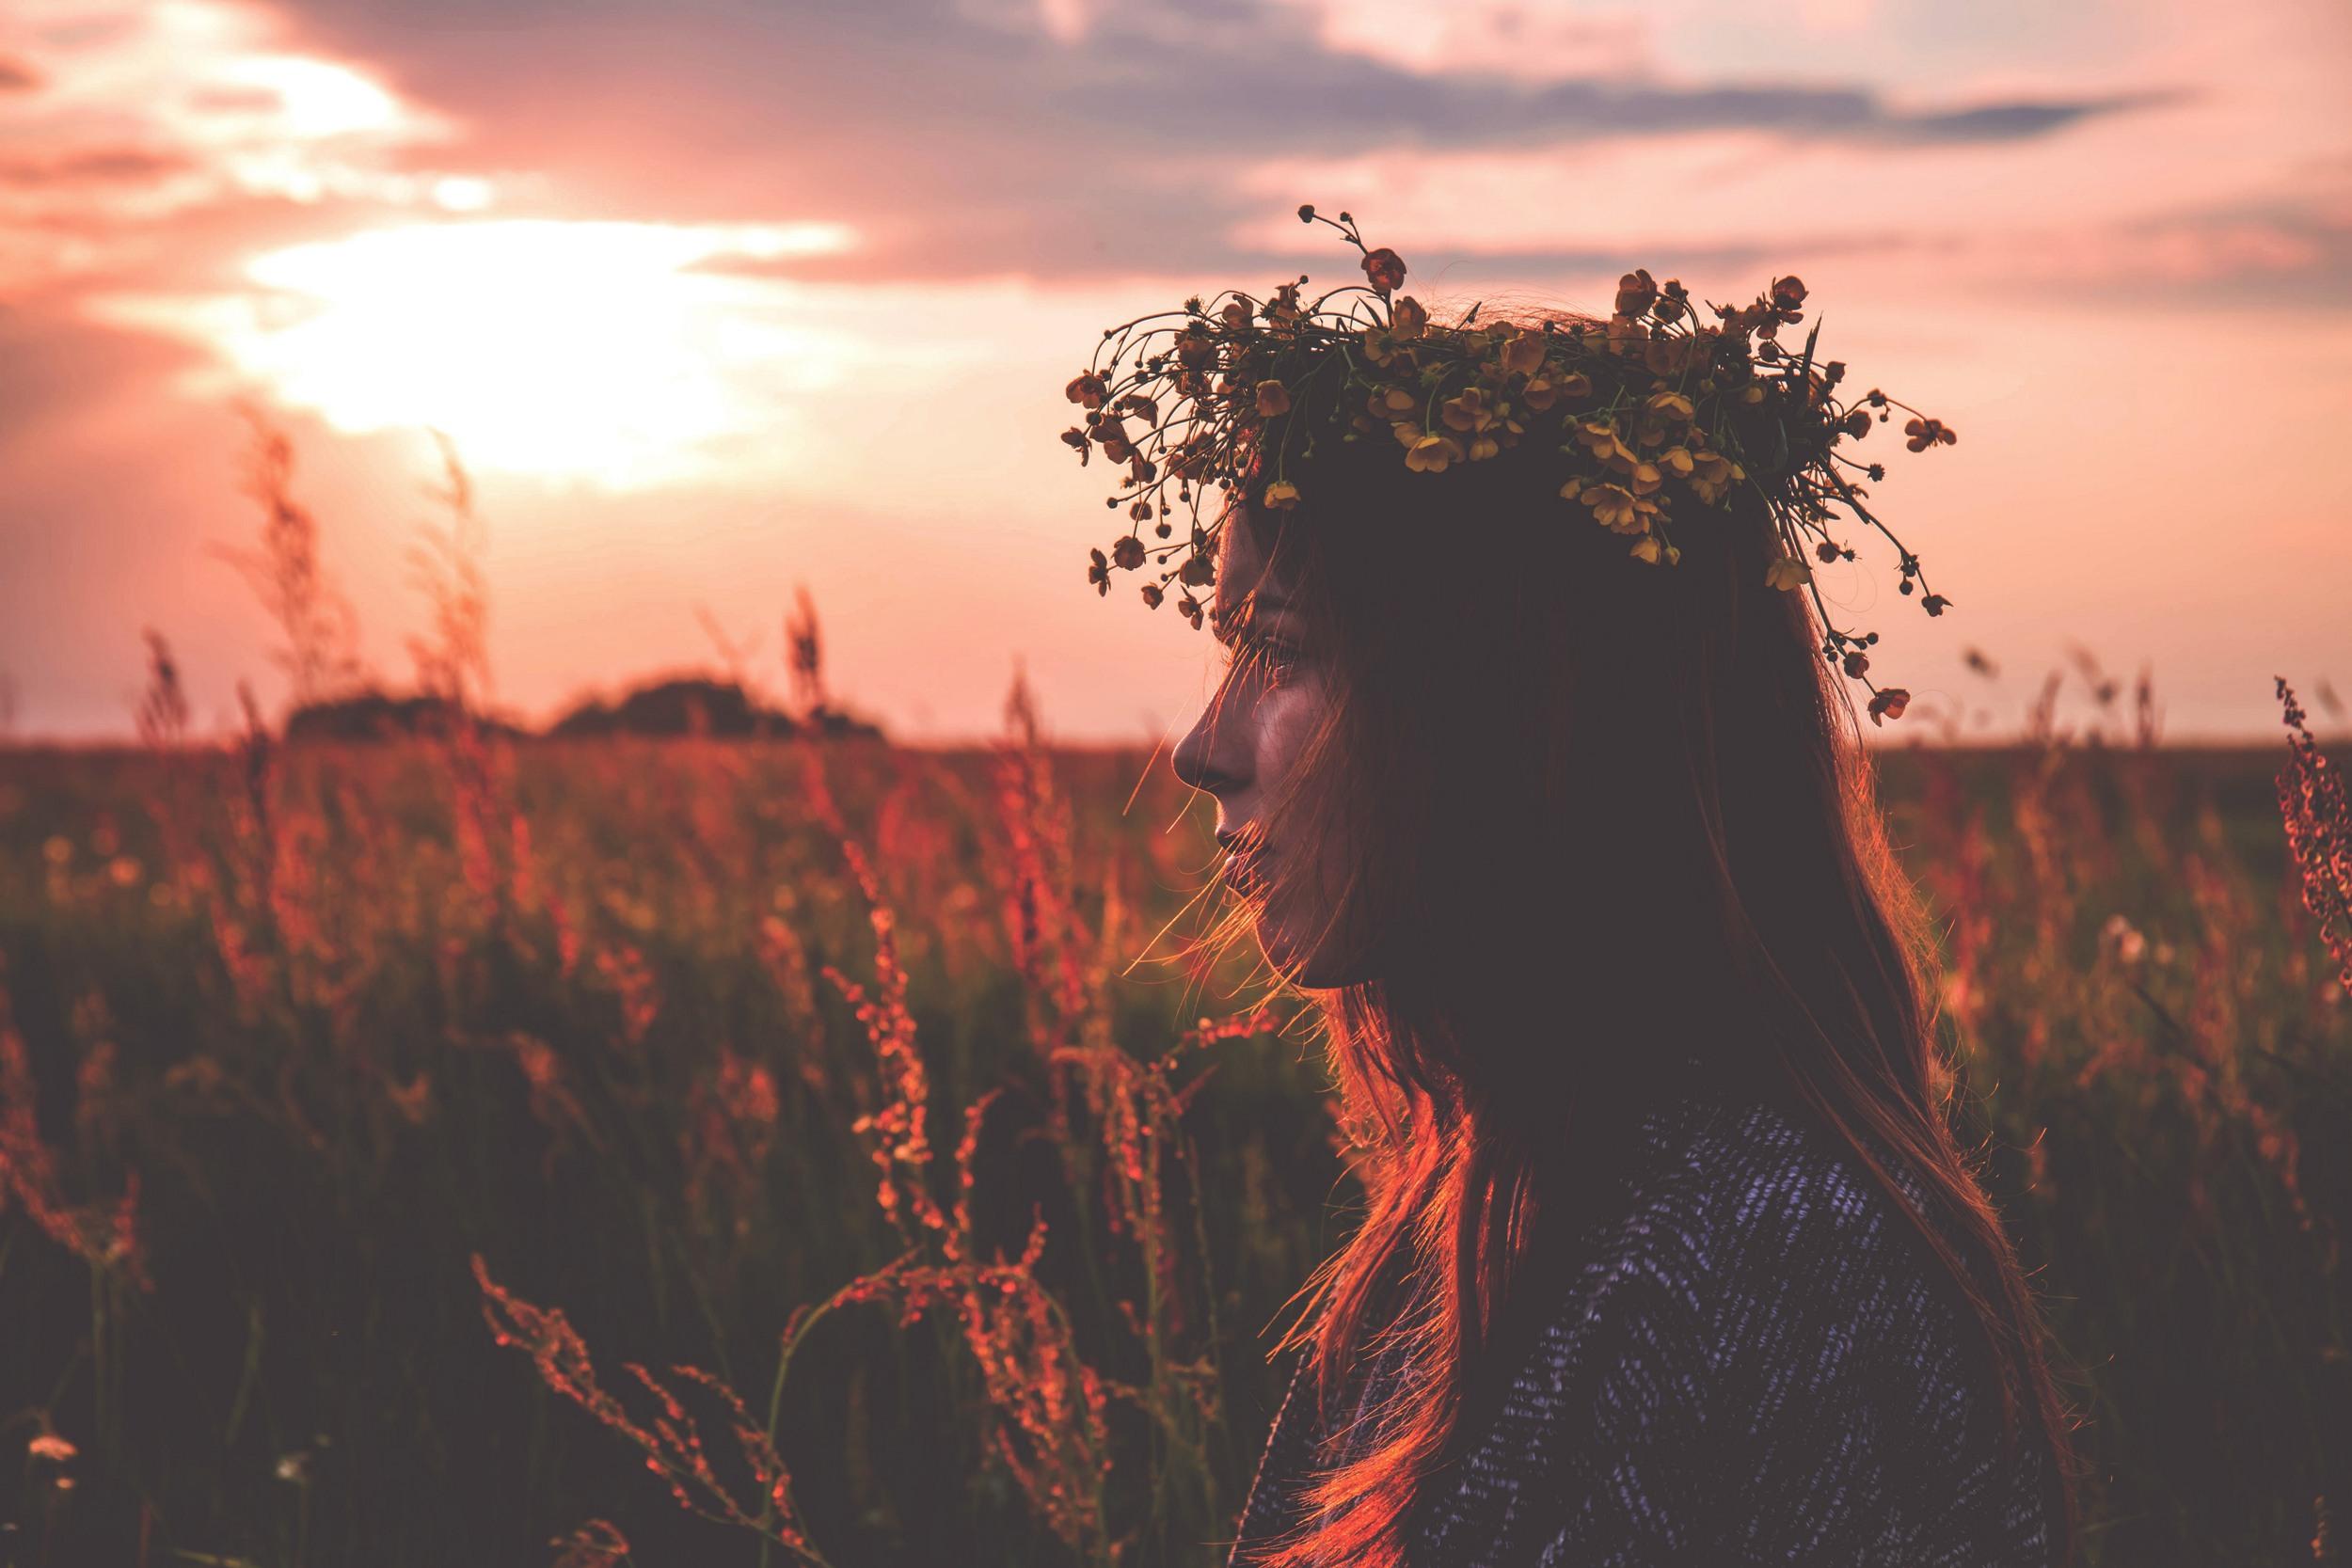 girlwithflowers.jpg